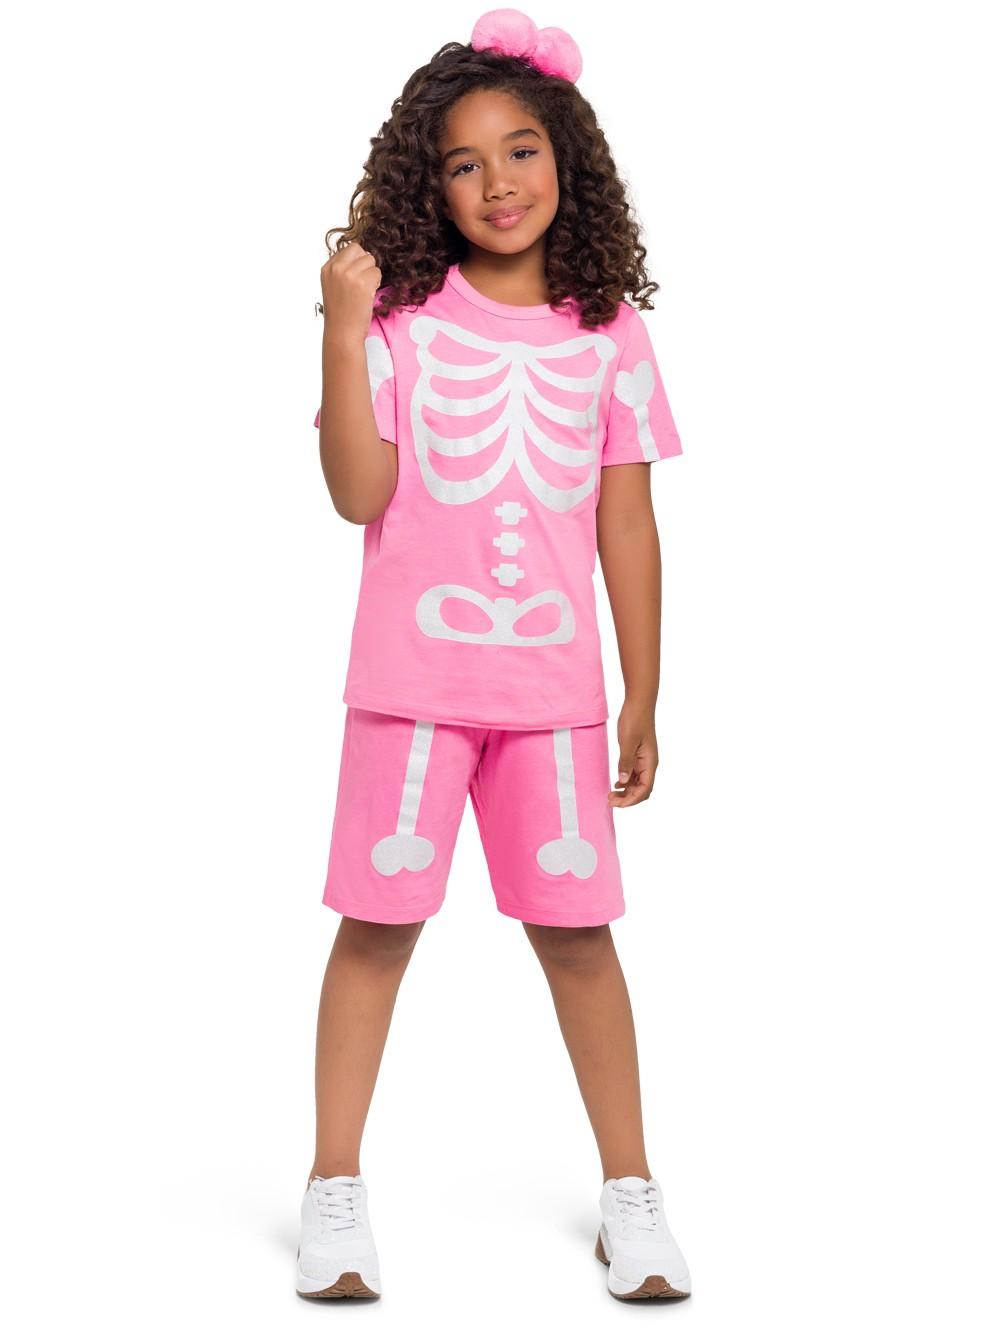 Pijama infantil esqueleto curto calor brilha no escuro unissex